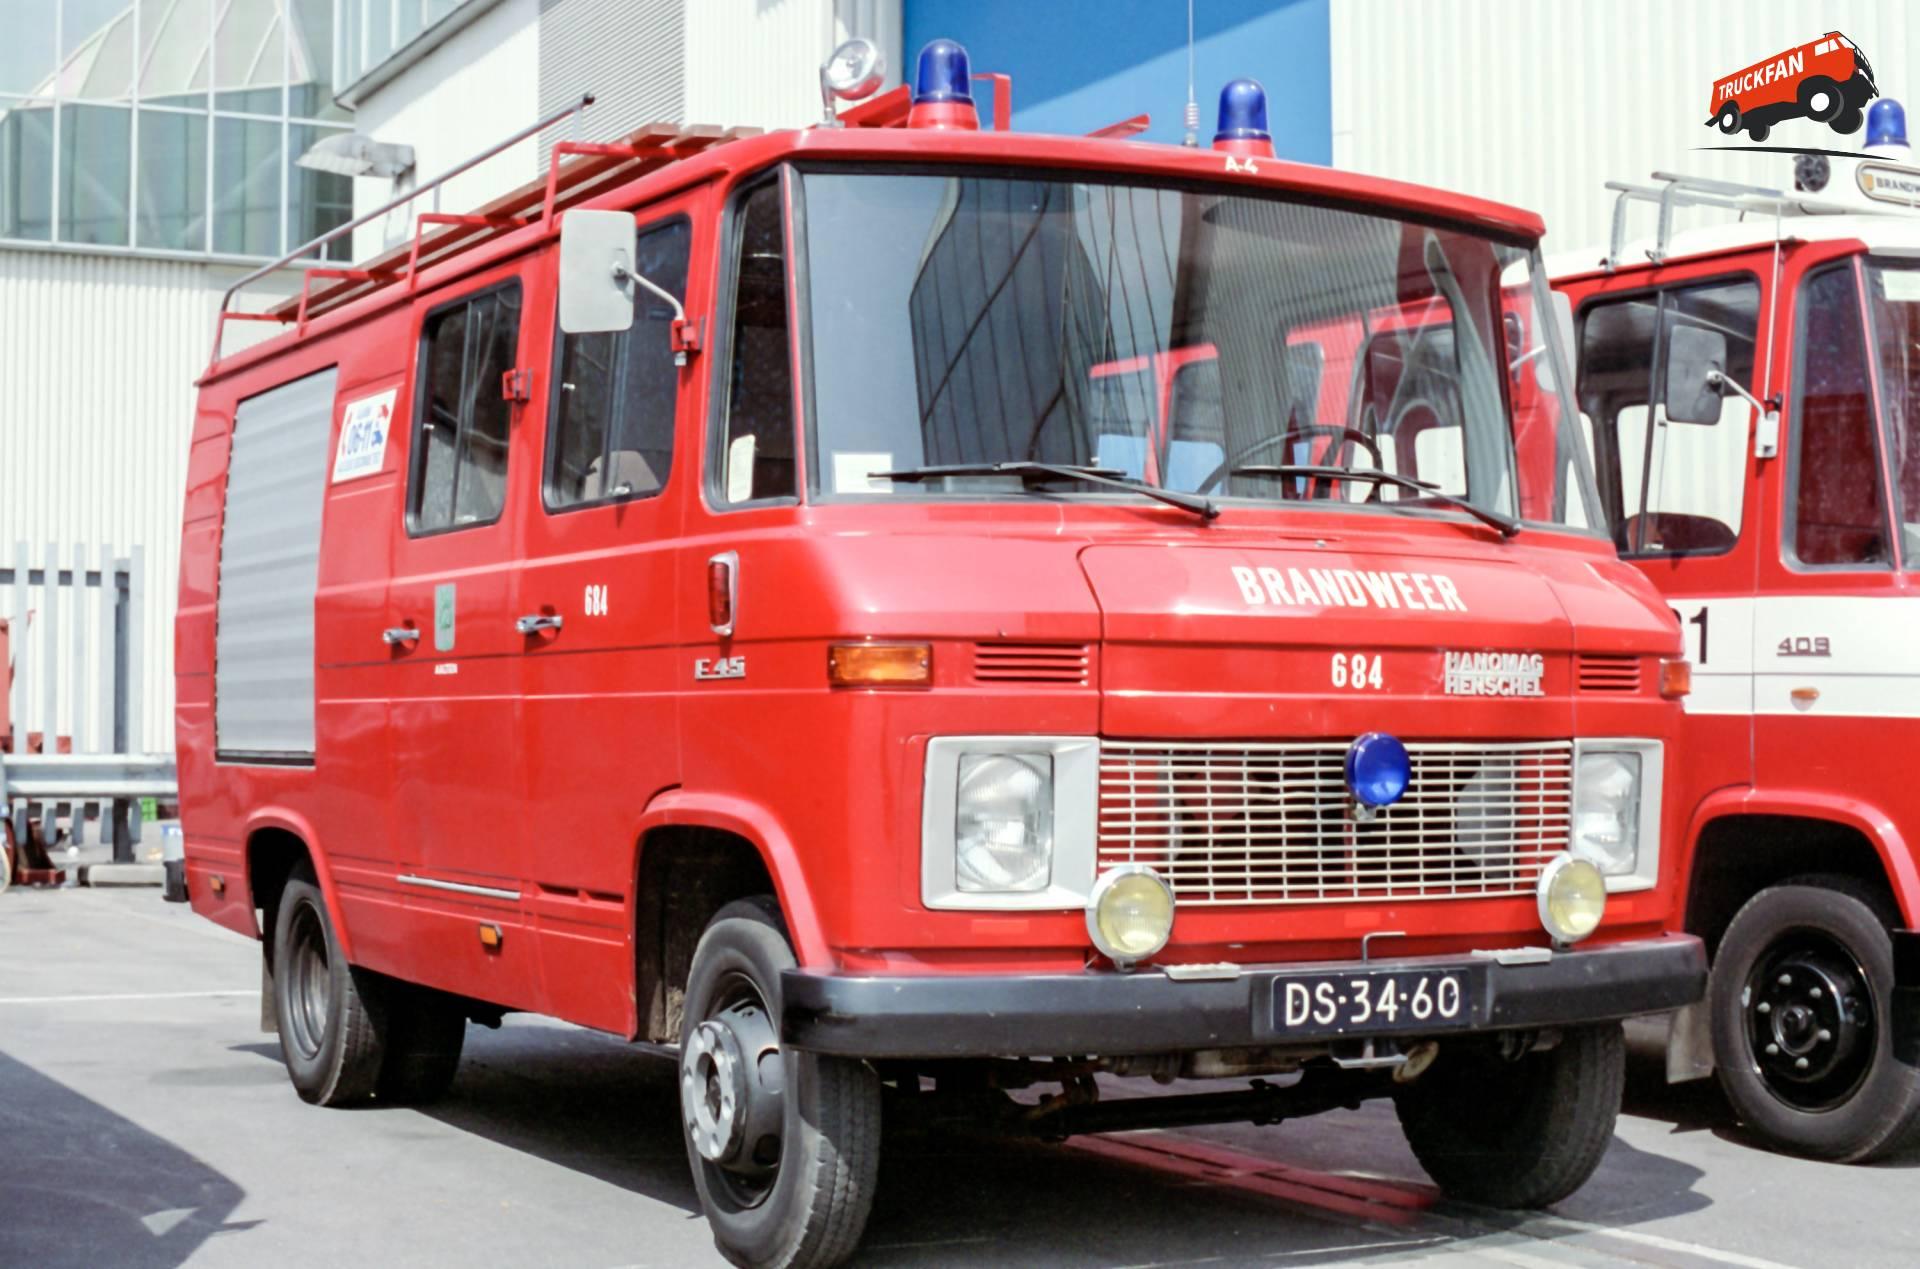 Hanomag-Henschel F45